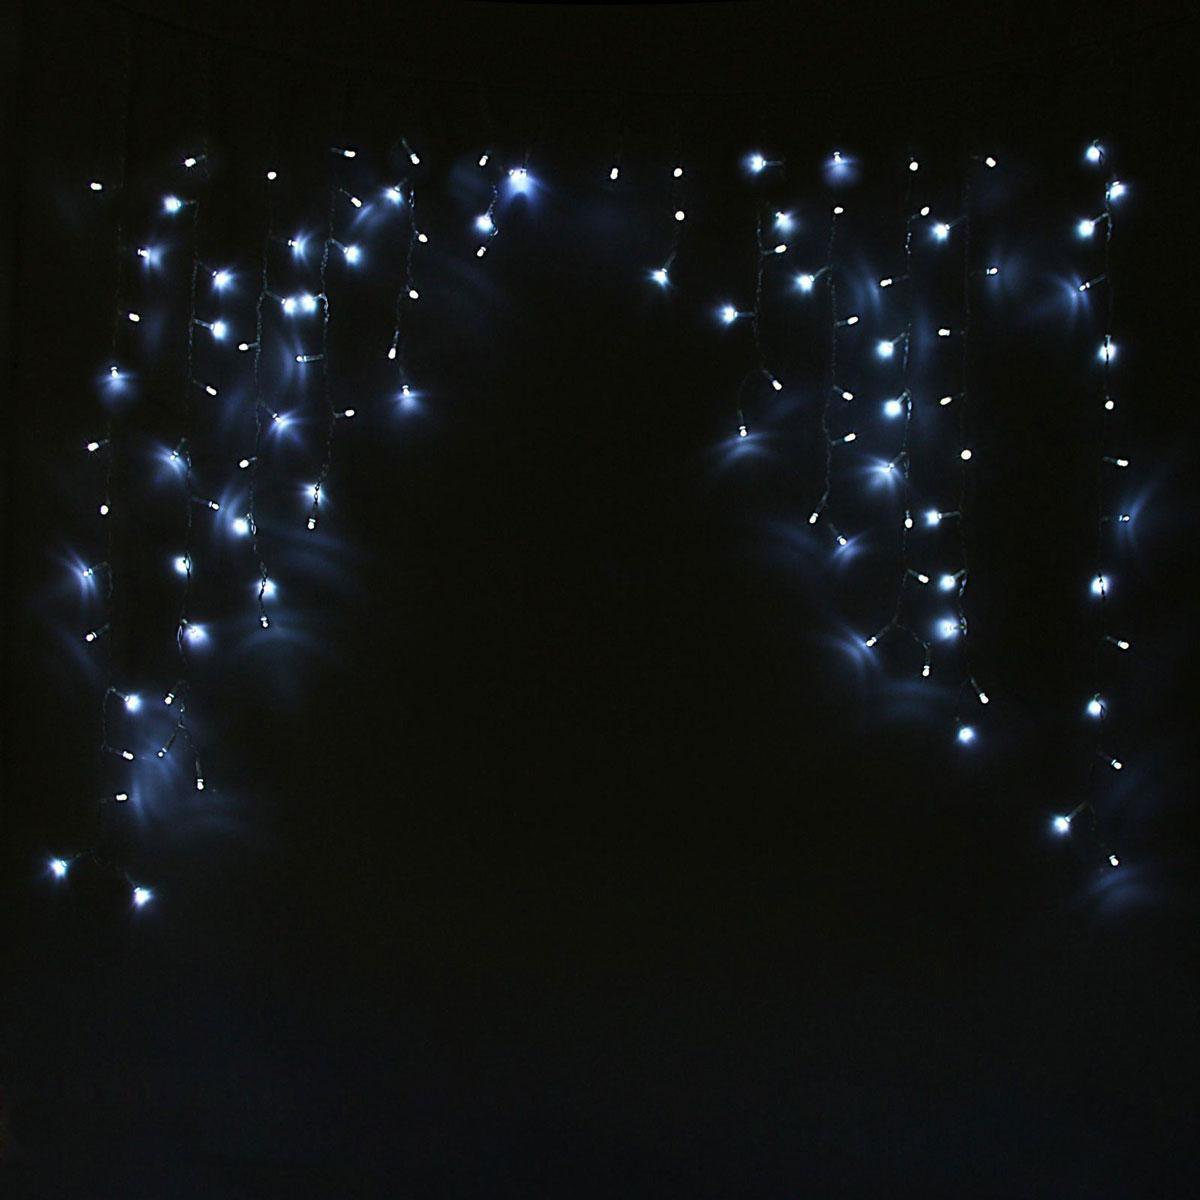 Гирлянда светодиодная Luazon Бахрома. Арка, 8 режимов, 126 ламп, 220 V, цвет: белый, 1 х 1 м. 10804301080430Светодиодные гирлянды, ленты и т.д — это отличный вариант для новогоднего оформления интерьера или фасада. С их помощью помещение любого размера можно превратить в праздничный зал, а внешние элементы зданий, украшенные ими, мгновенно станут напоминать очертания сказочного дворца. Такие украшения создают ауру предвкушения чуда. Деревья, фасады, витрины, окна и арки будто специально созданы, чтобы вы украсили их светящимися нитями.